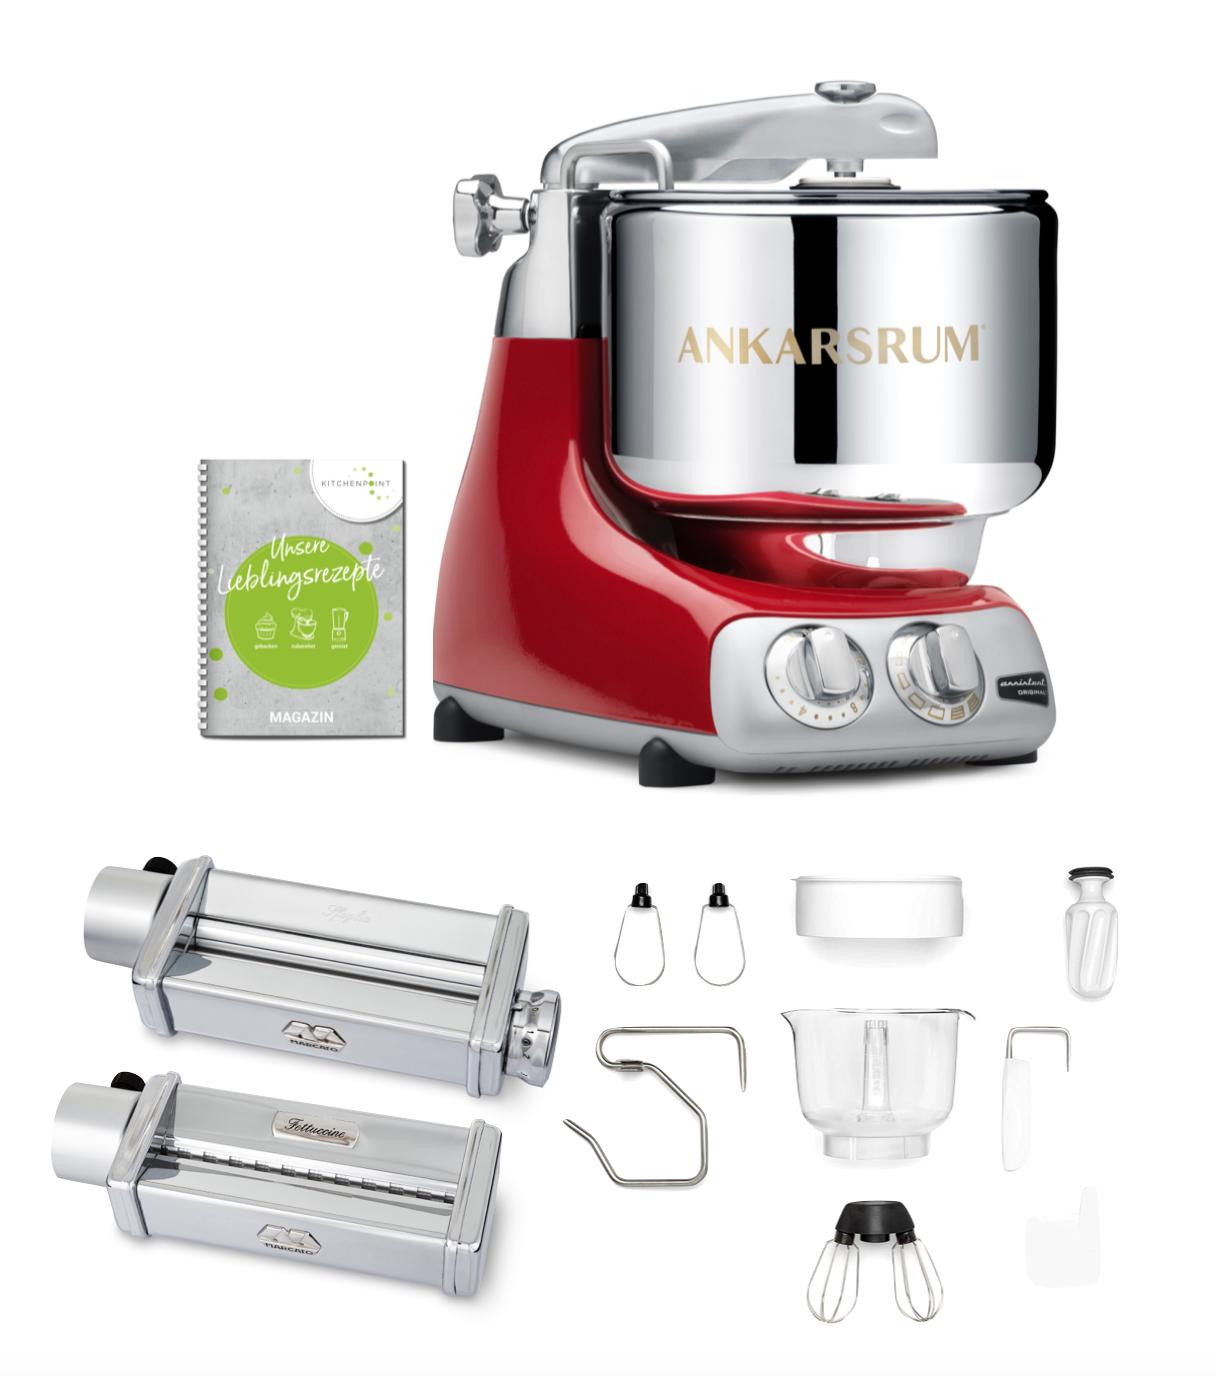 Ankarsrum Küchenmaschine Assistent Red Metallic - Pasta Set